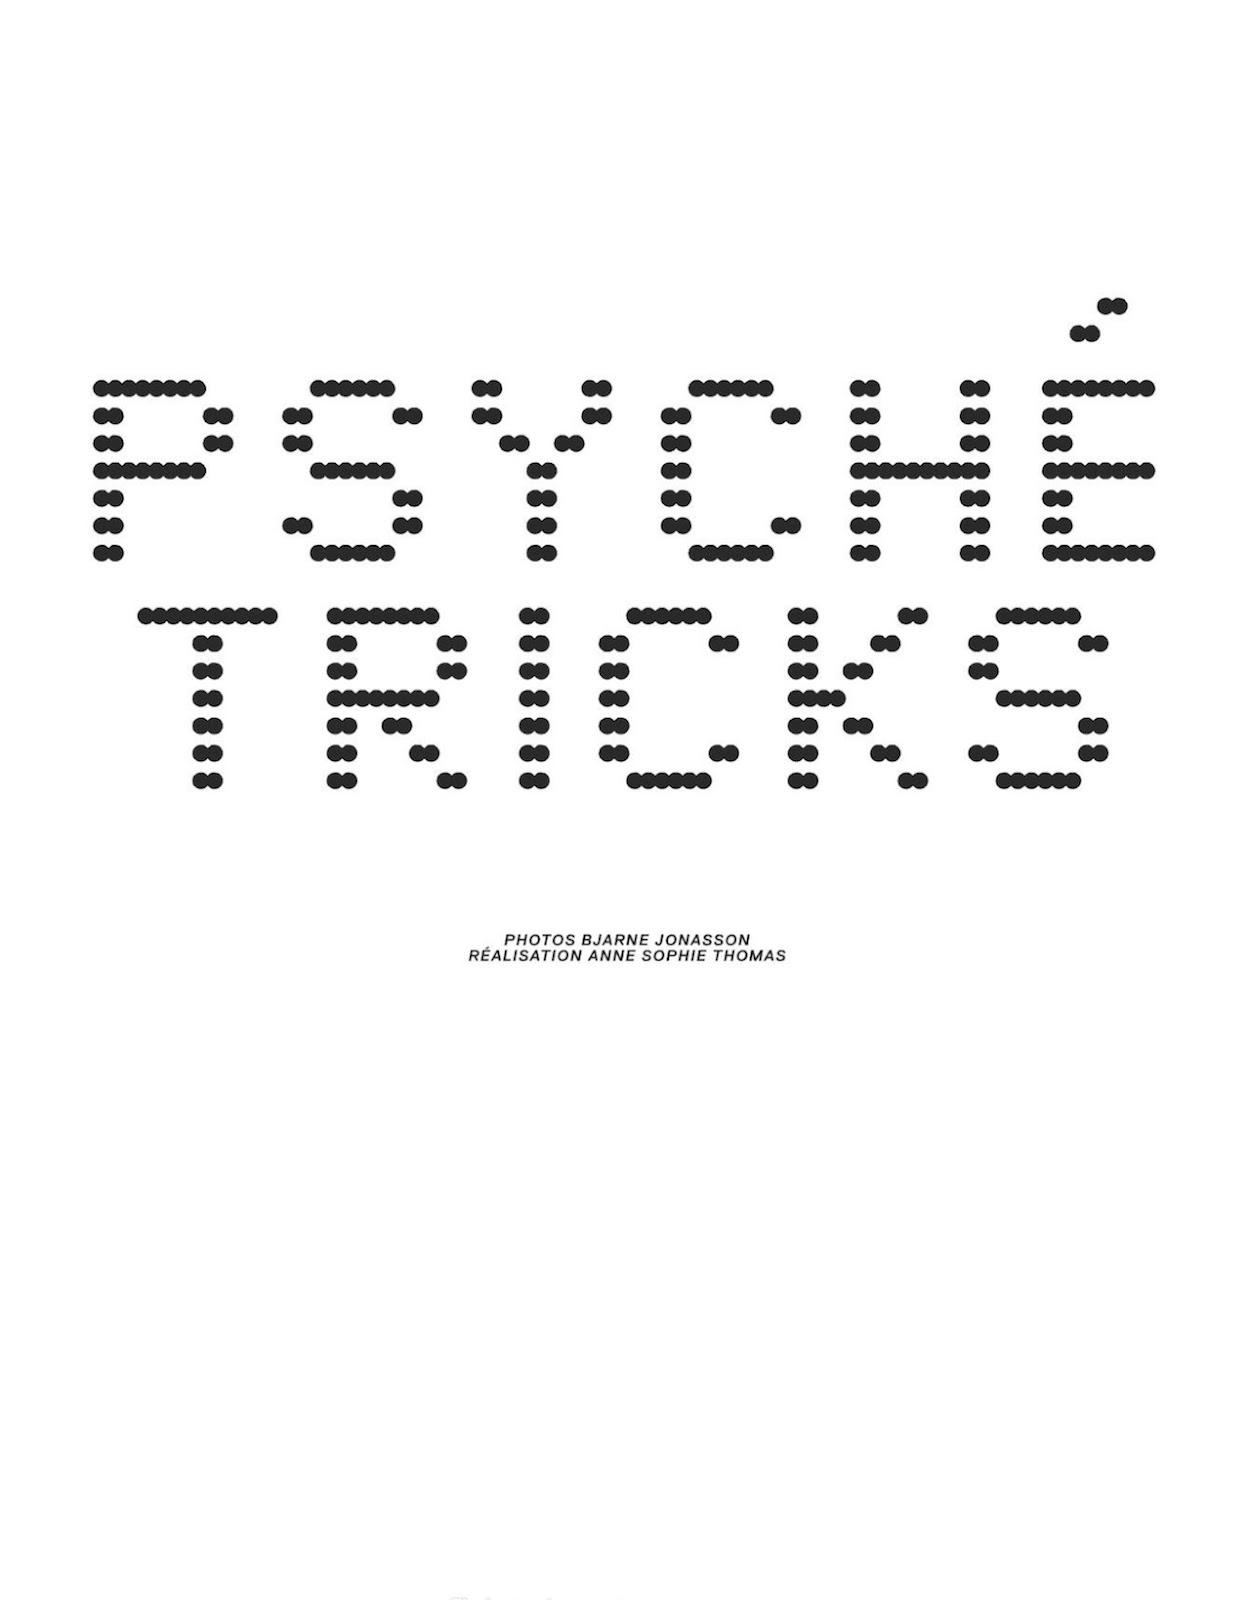 Psyche Tricks Langley Fox By Bjarne Jonasson For Jalouse September